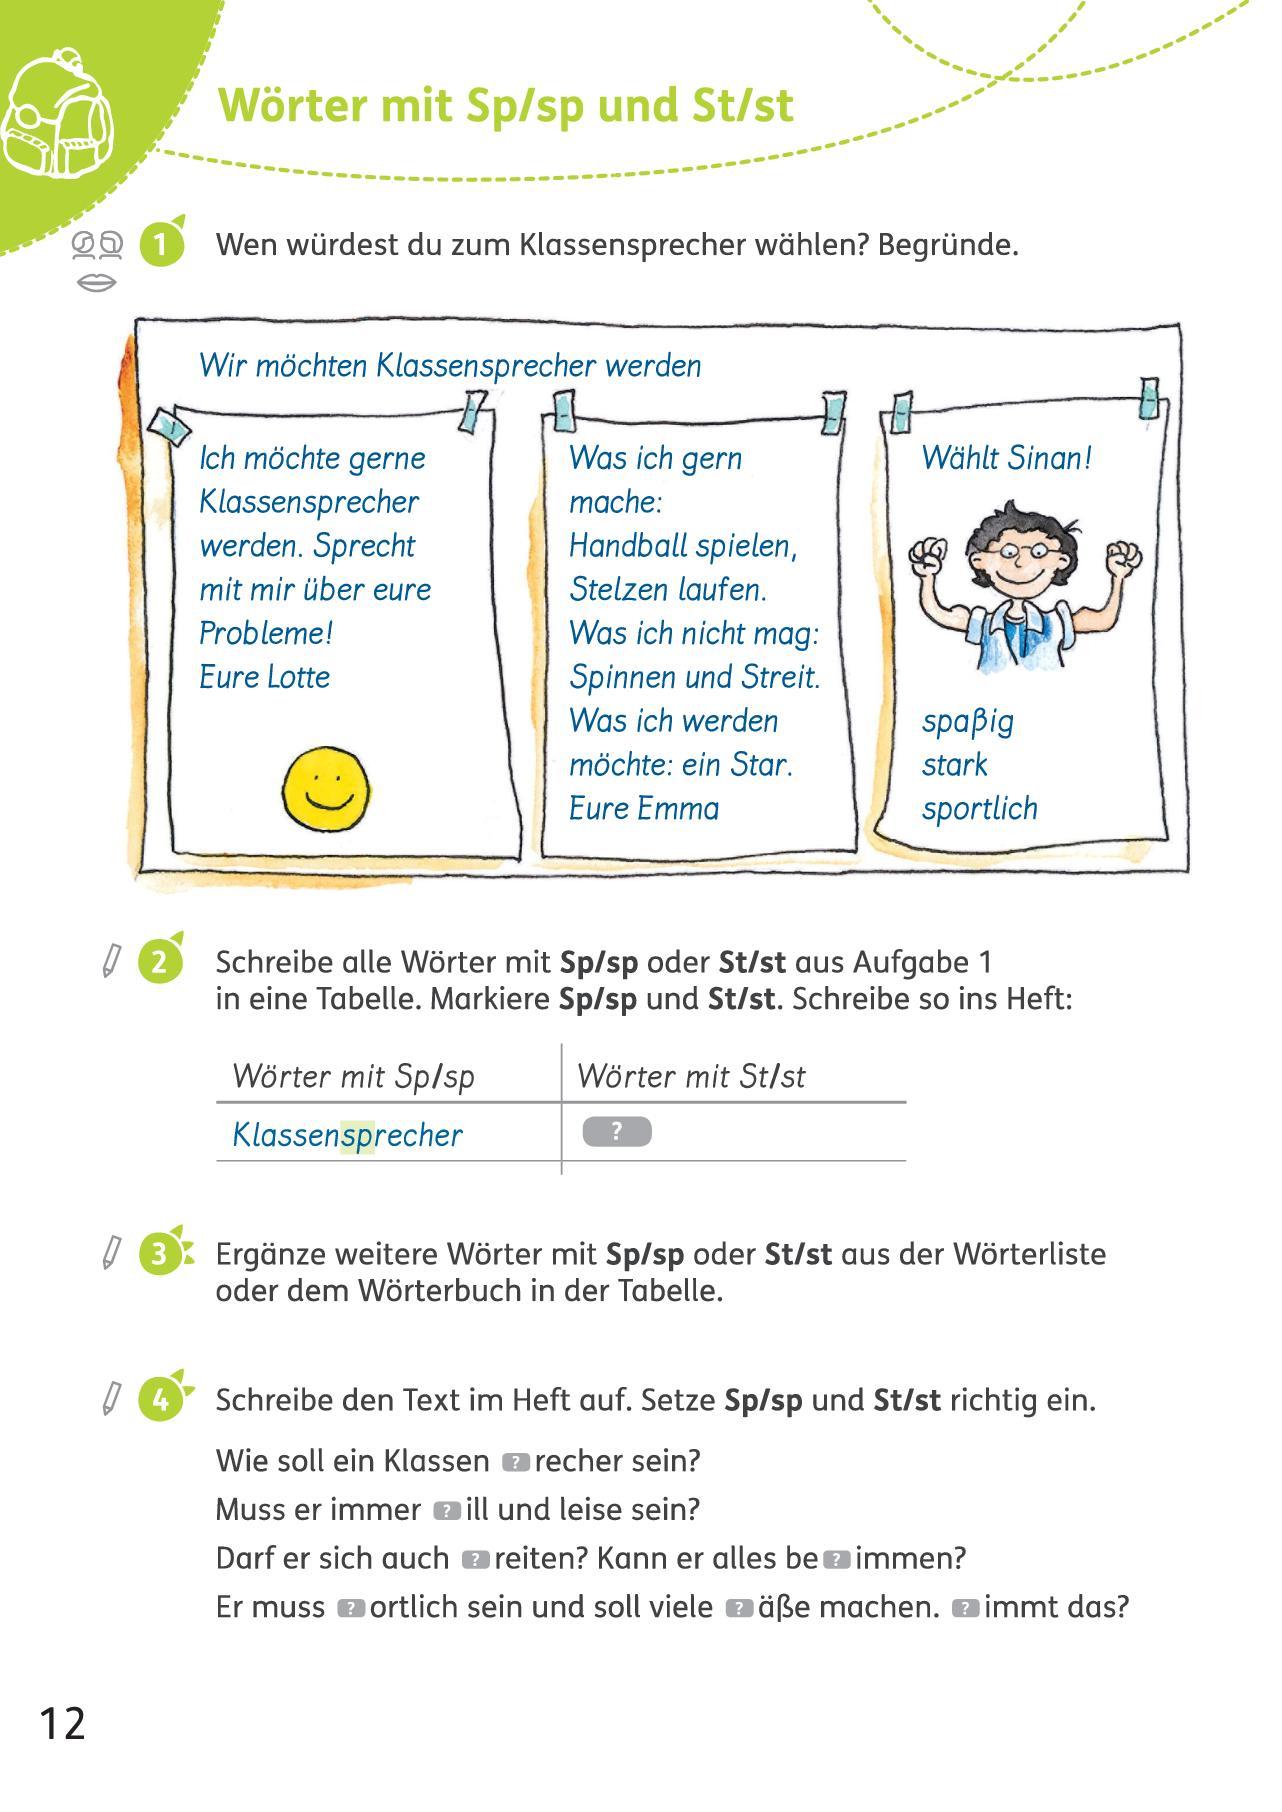 Ausgezeichnet Super Lehrer Arbeitsblätter Wortprobleme ...